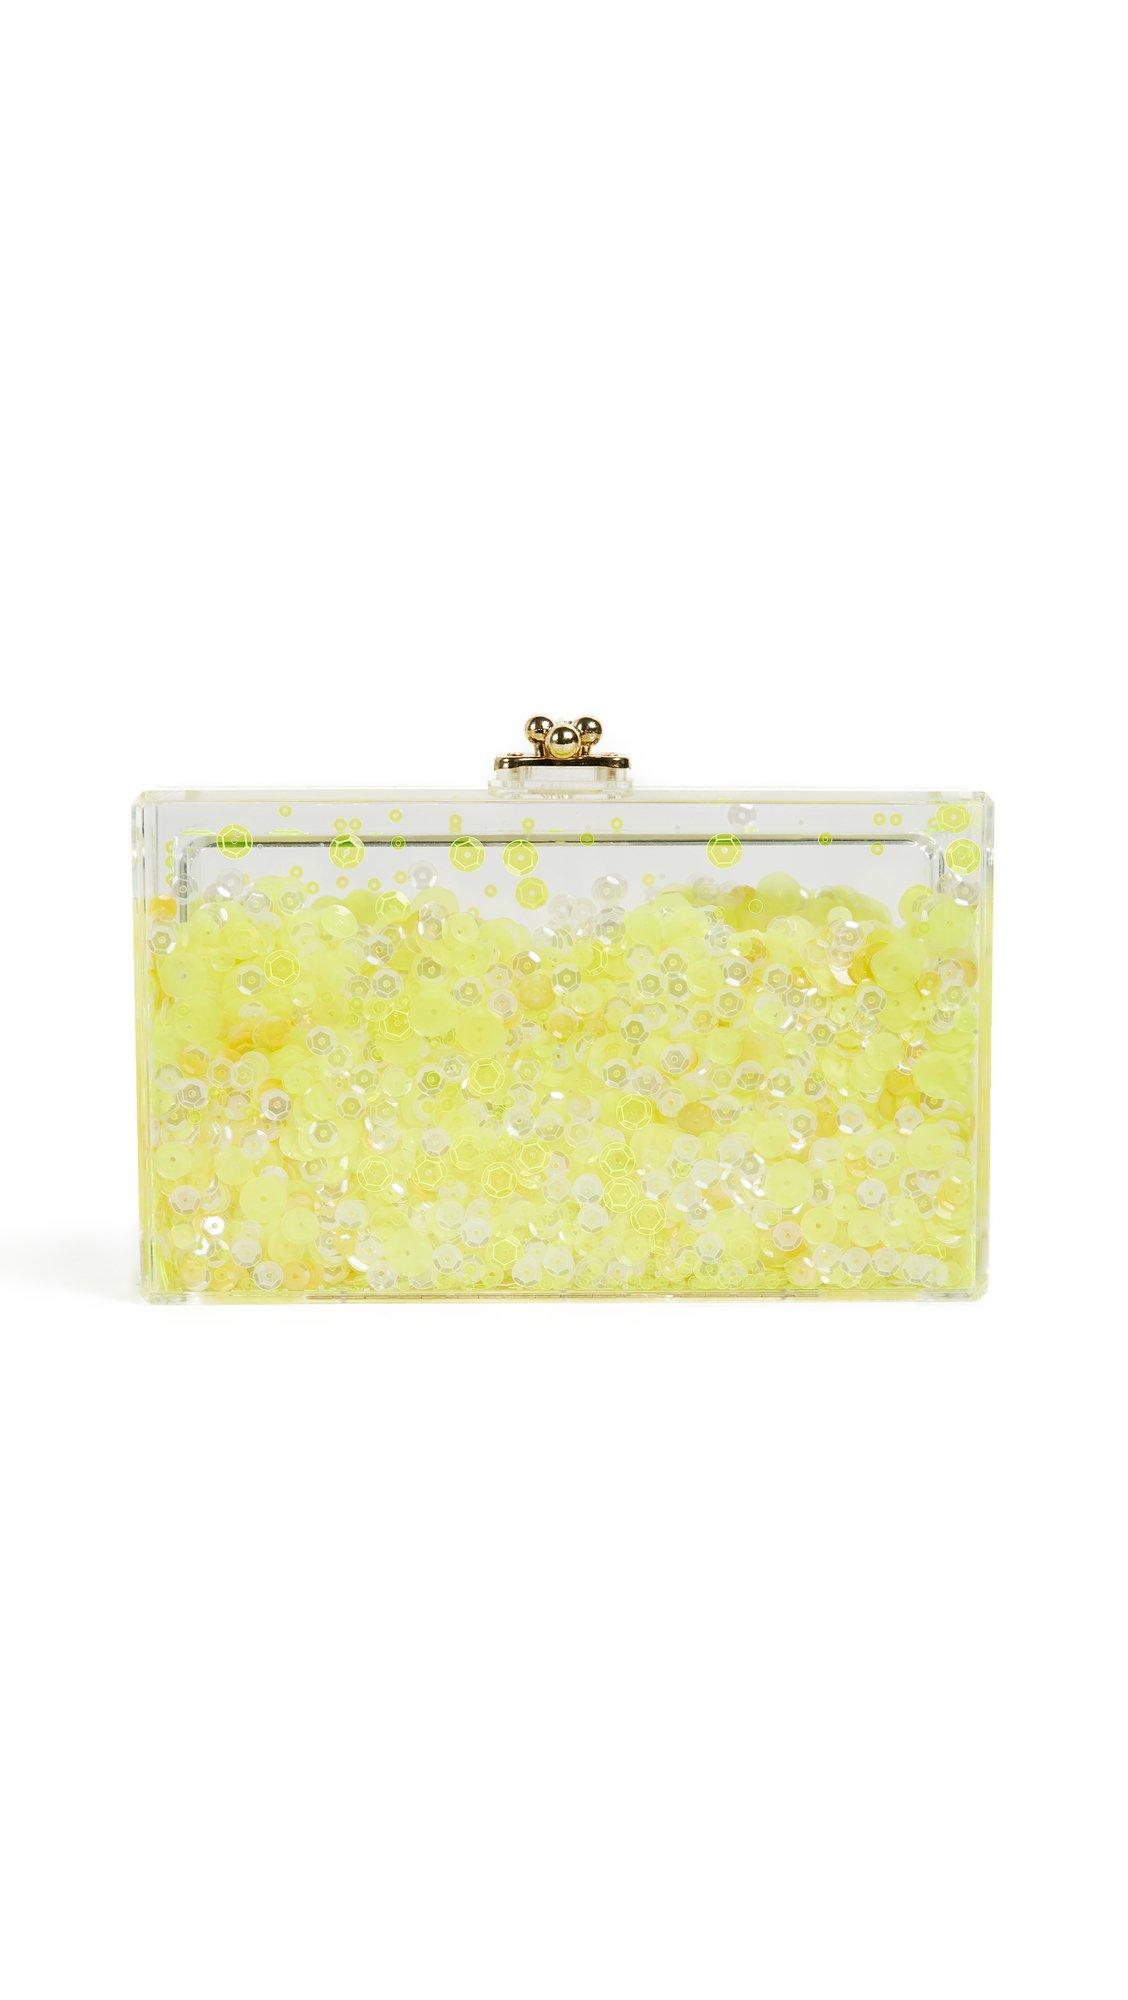 ashlyn'd Women's Glimmer Clutch, Neon Yellow, One Size